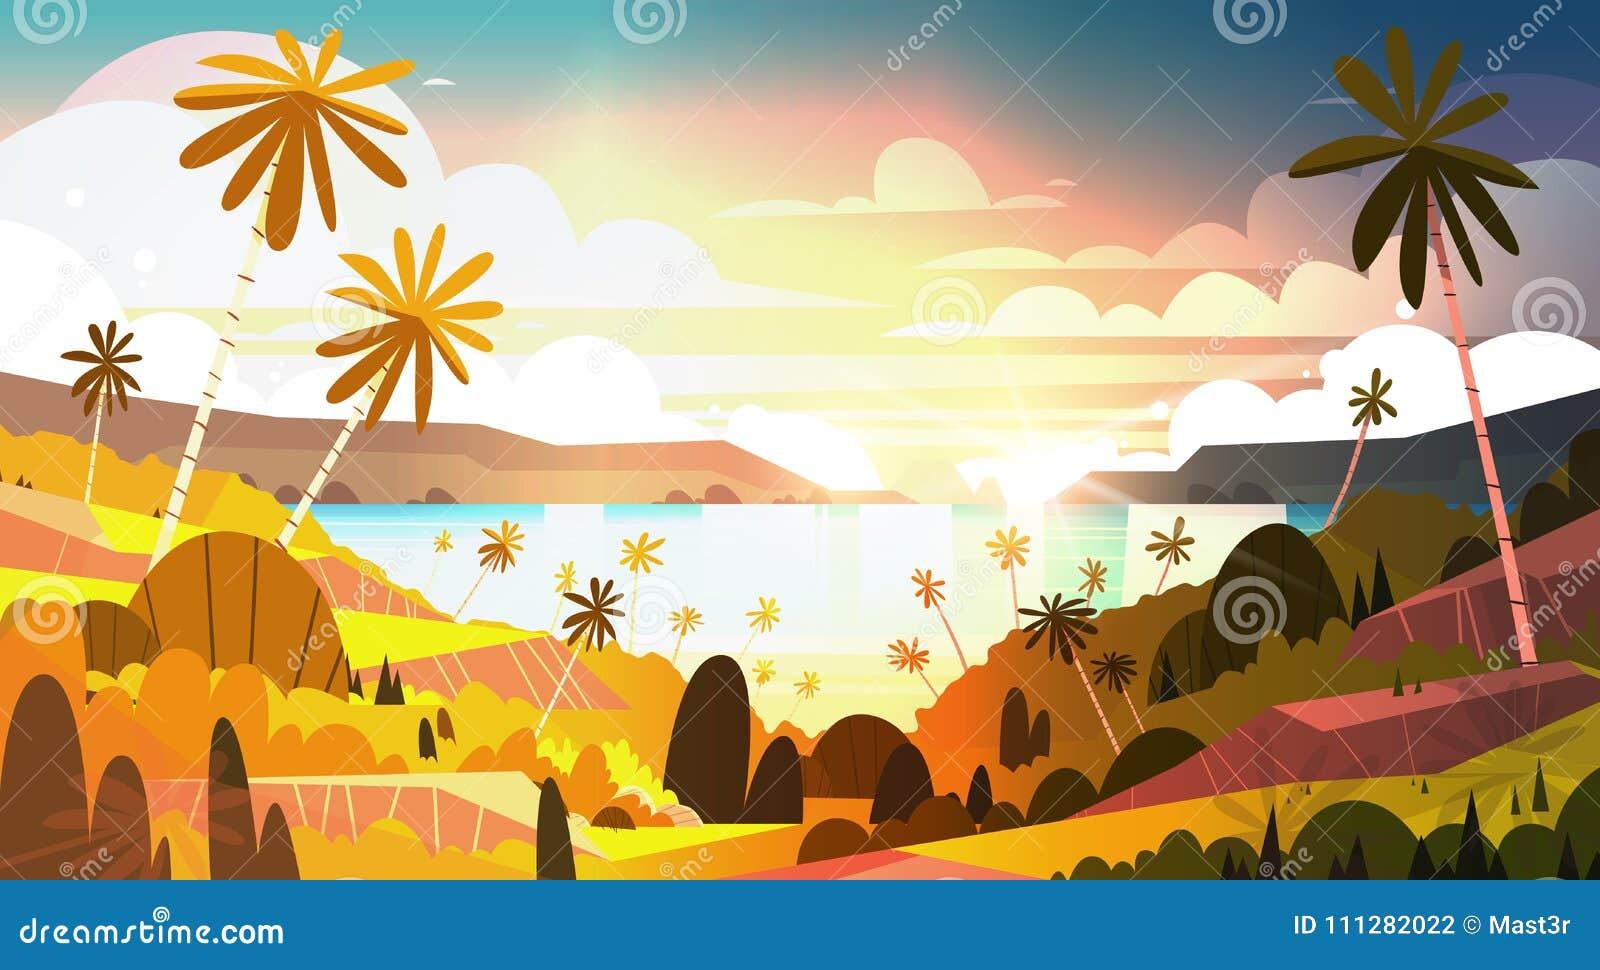 在热带海滩美丽的风景夏天海边的日落与棕榈树海报